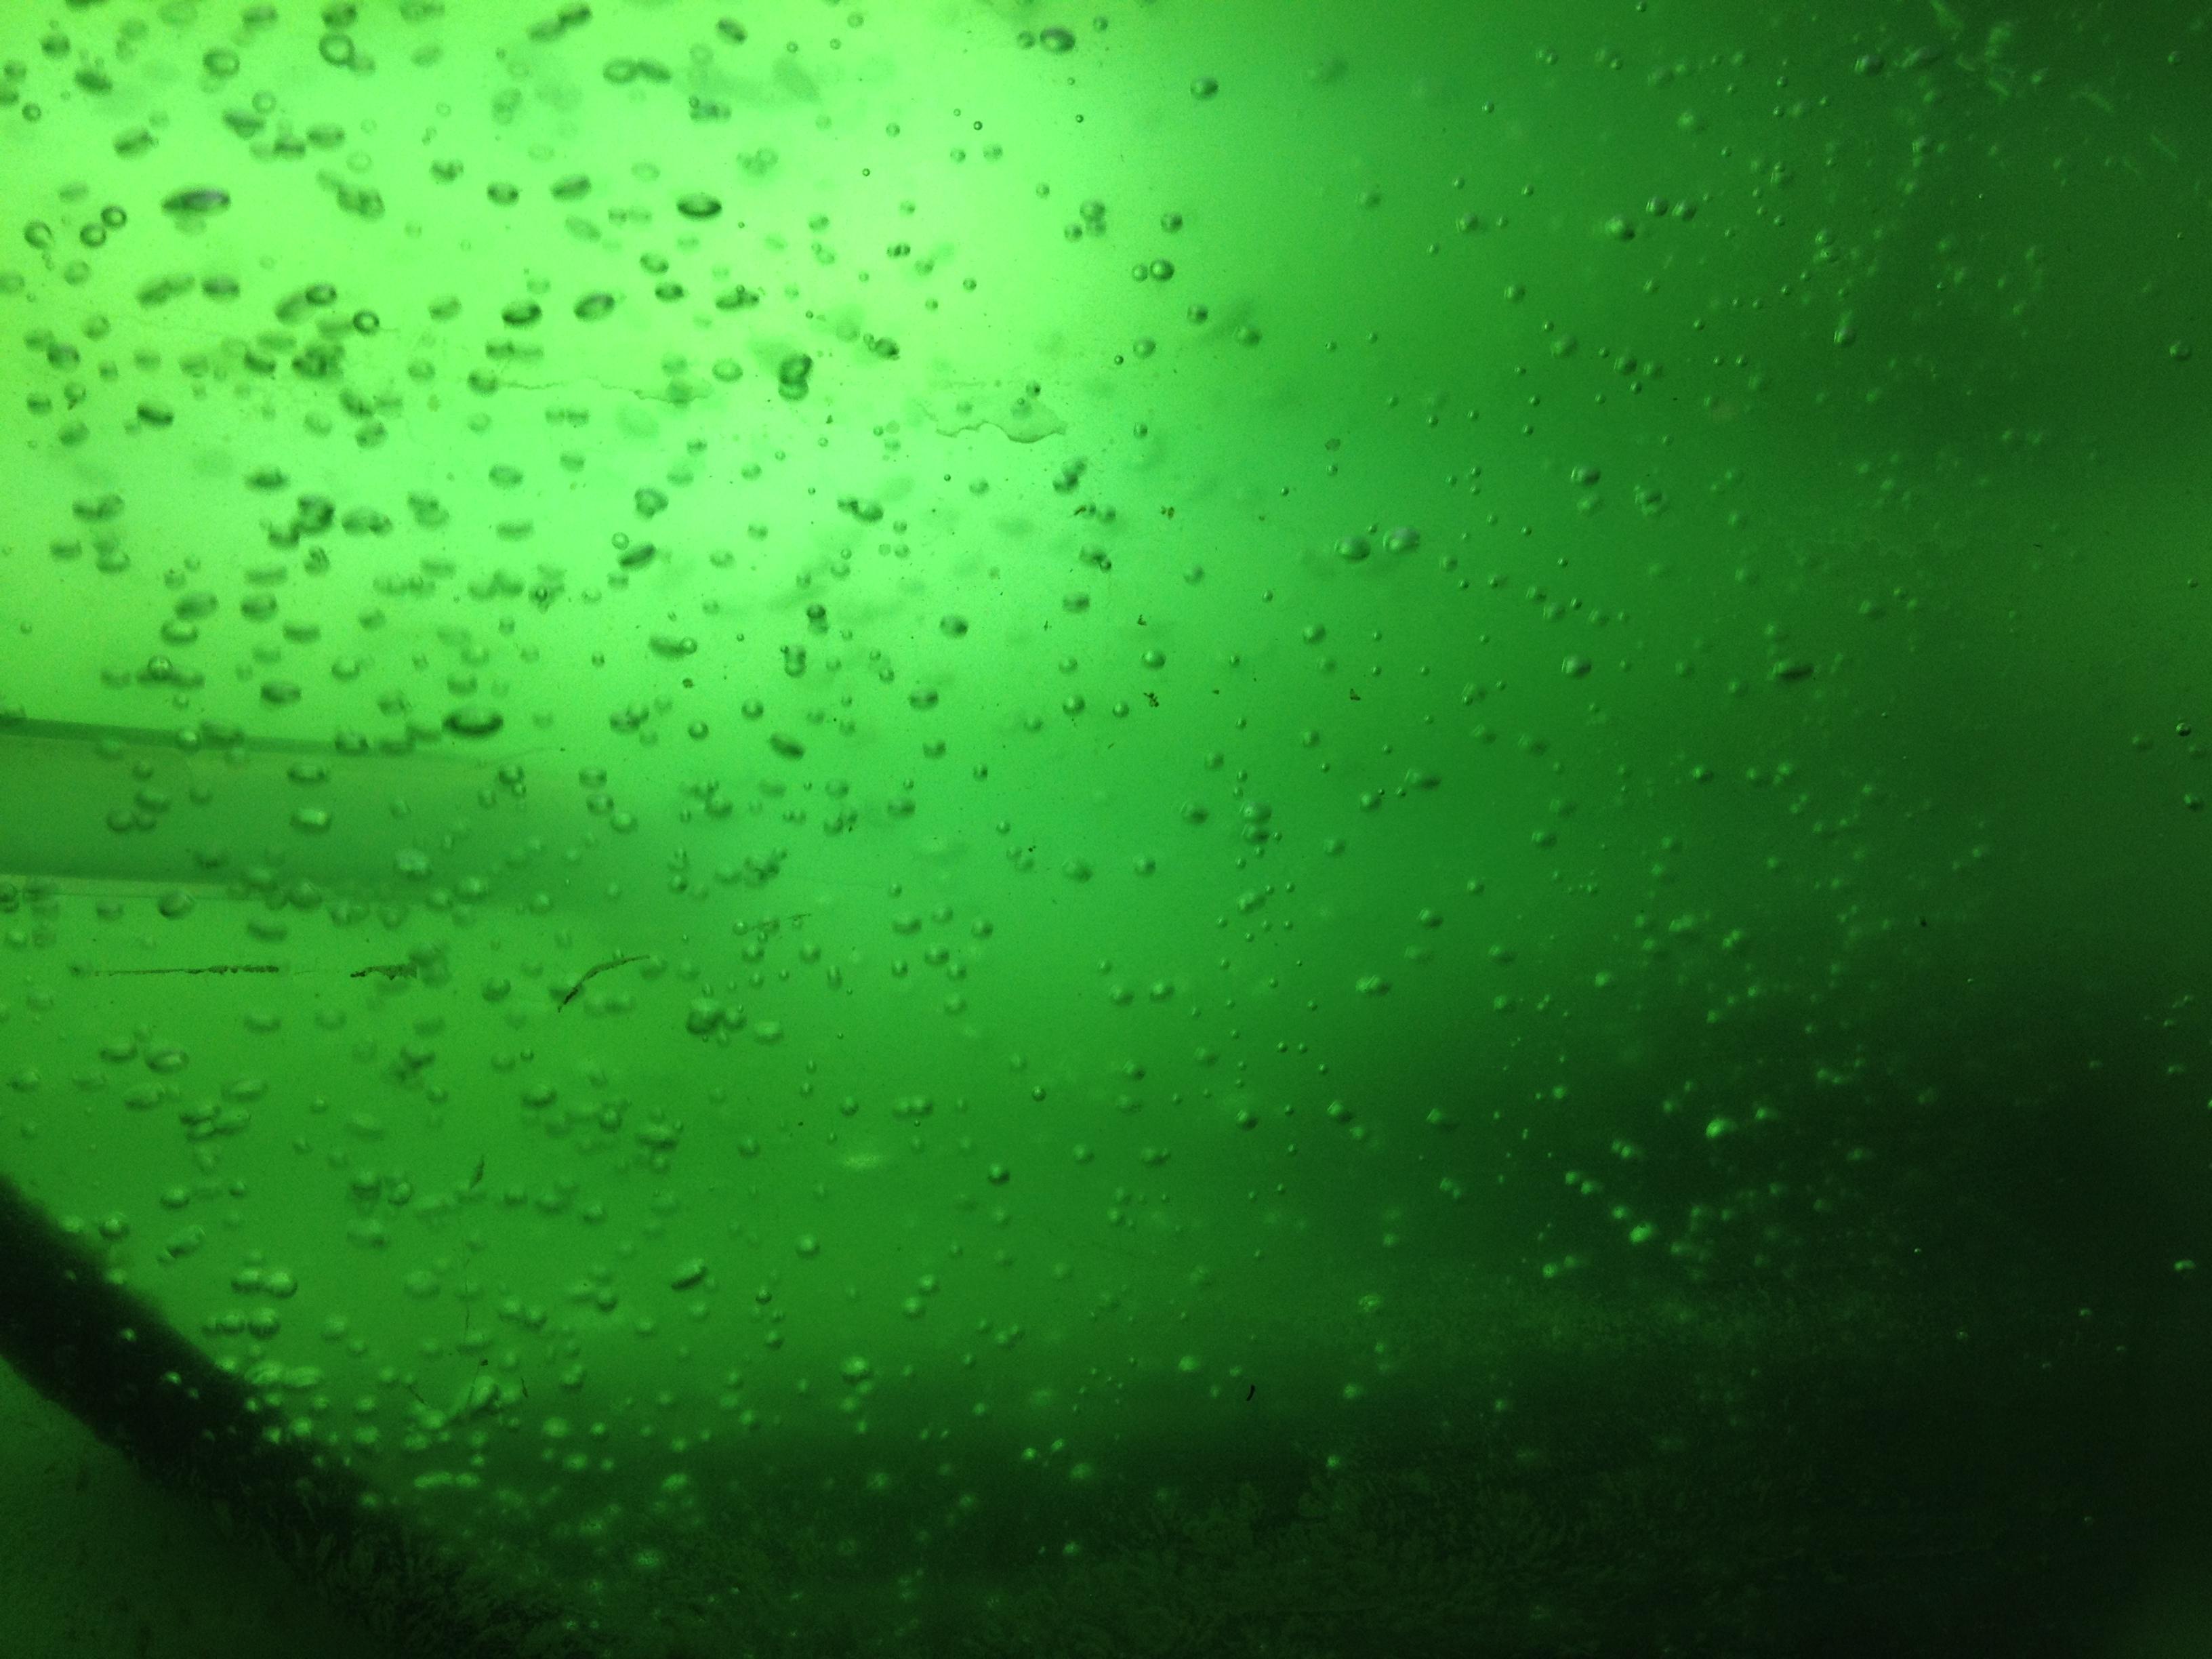 algae lab Algae raceway paves path from lab to real-world applications.